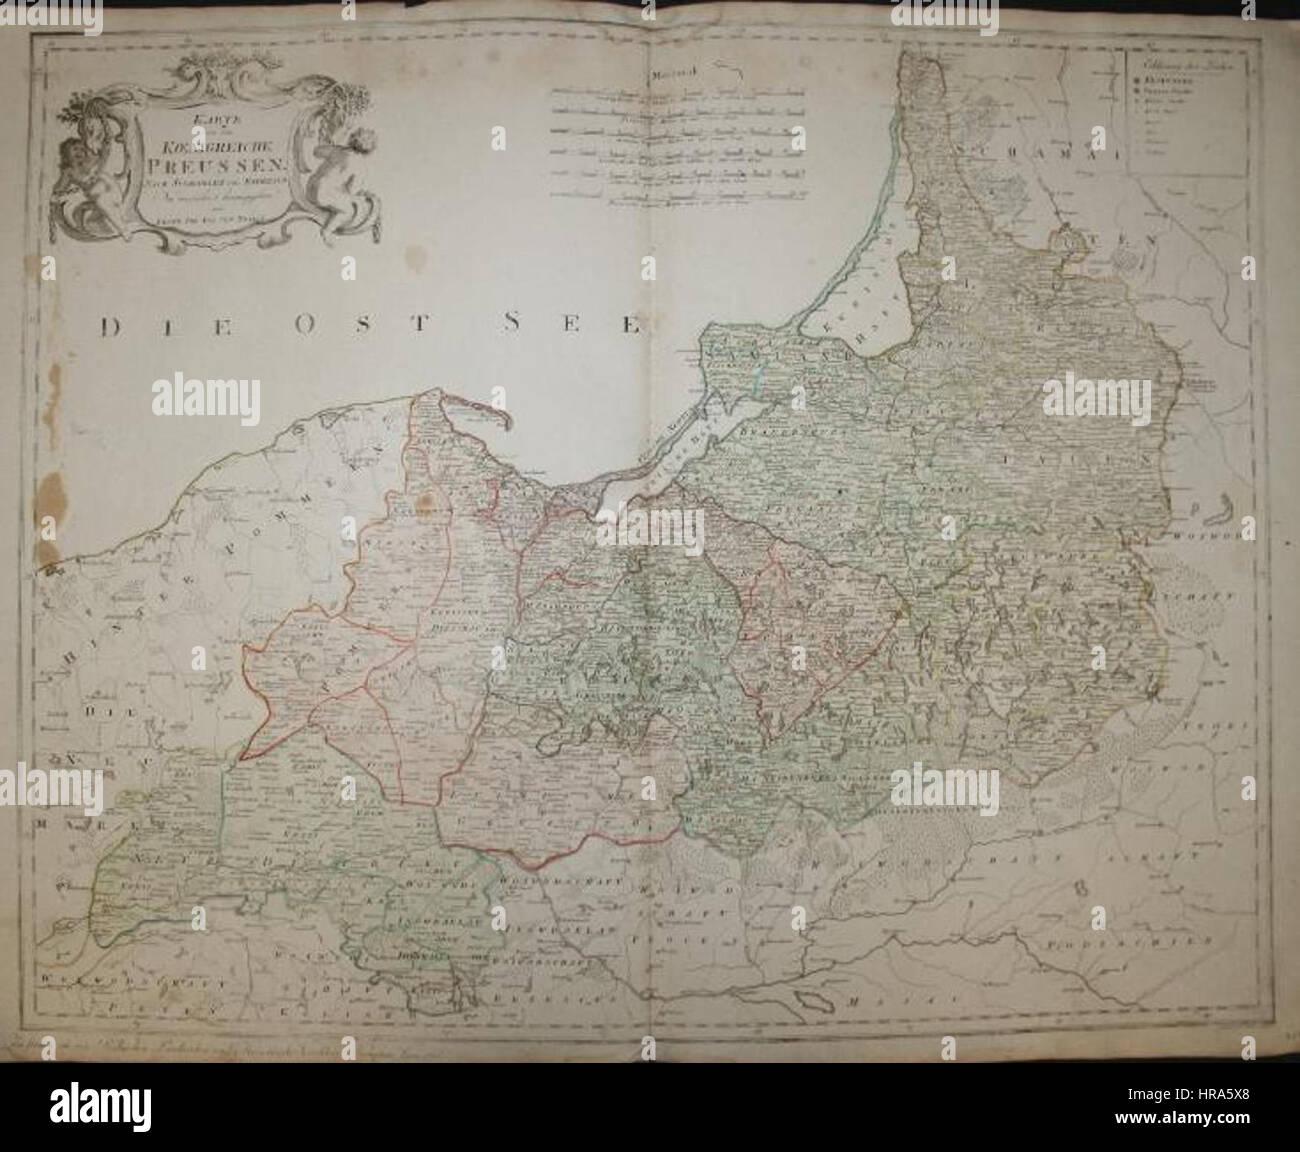 Reilly Karte von dem Koenigreiche Preussen Stock Photo